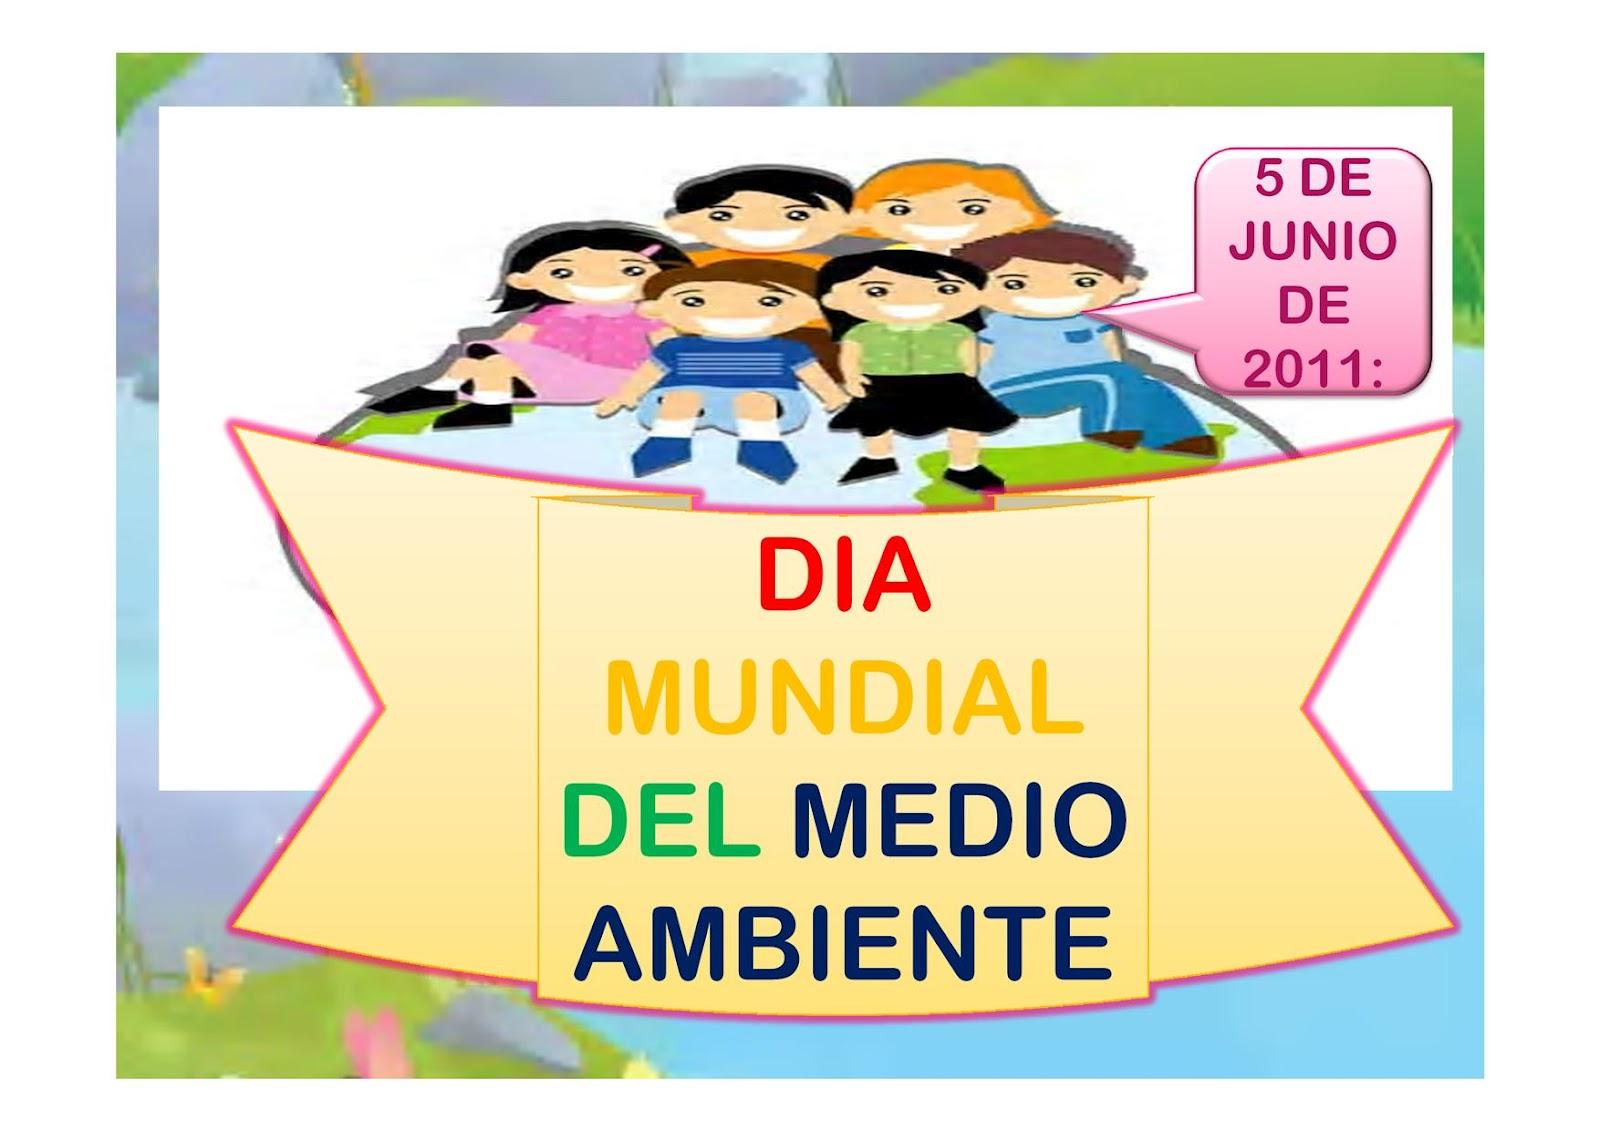 DIA MUNDIAL DEL MEDIO AMBIENTE: CUENTO PARA NIÑOS ~ CORRE SALTA Y